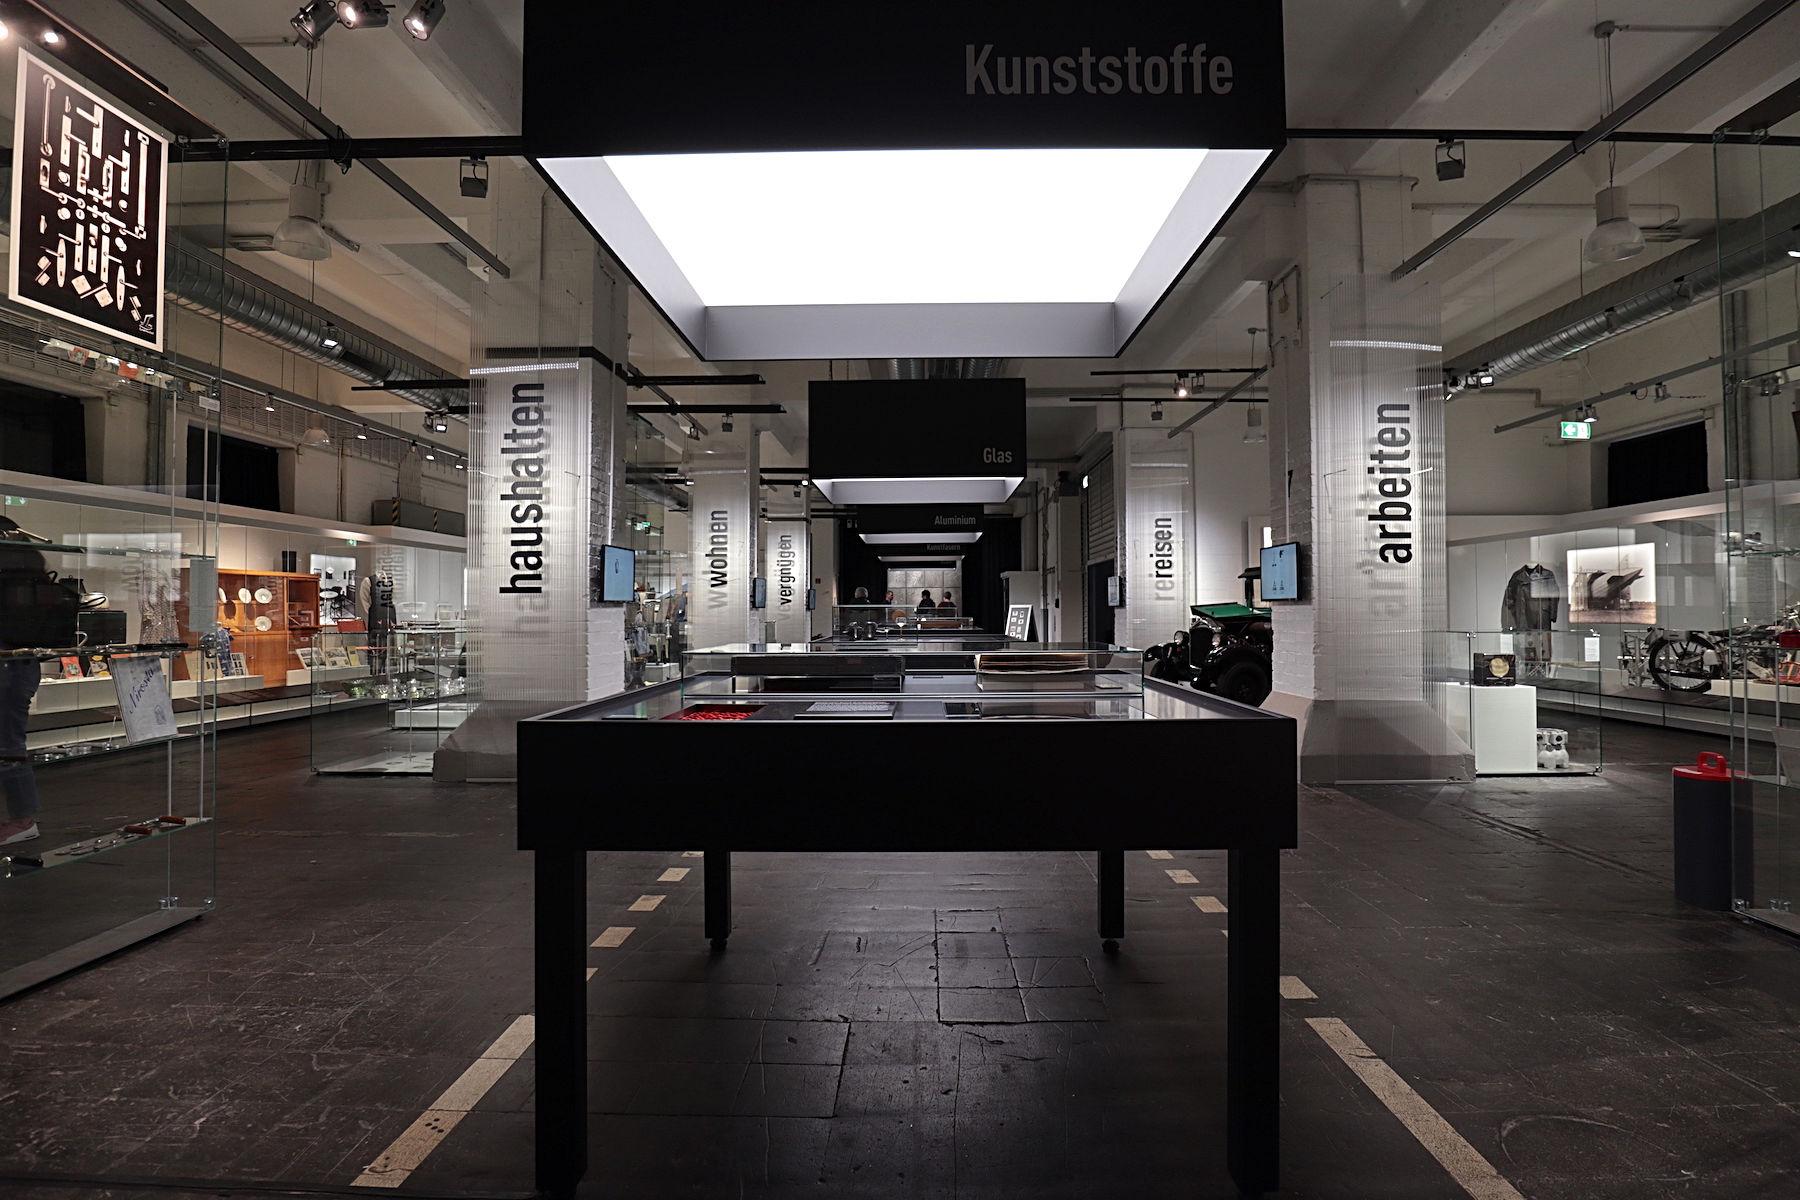 """LVR Industriemuseum Peter-Behrens-Bau. Die Sonderschau """"nützlich & schön – Produktdesign von 1920–1940"""". Ausstellungen sind ein wichtiges Element für das Verbundprojekt """"100 jahre bauhaus im westen""""."""